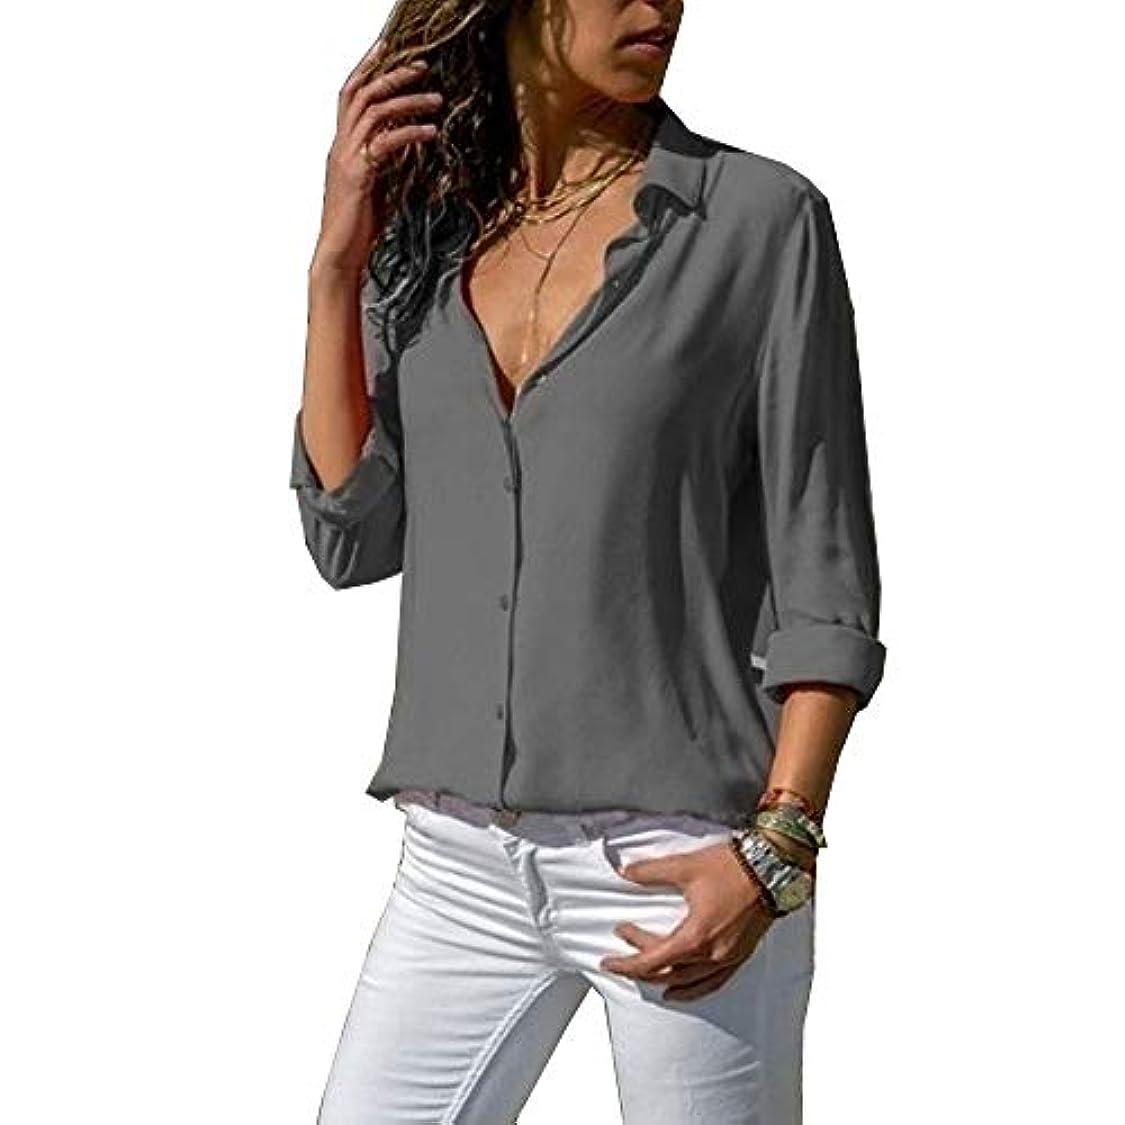 ナチュラル依存するカートンMIFAN ルーズシャツ、トップス&Tシャツ、プラスサイズ、トップス&ブラウス、シフォンブラウス、女性トップス、シフォンシャツ